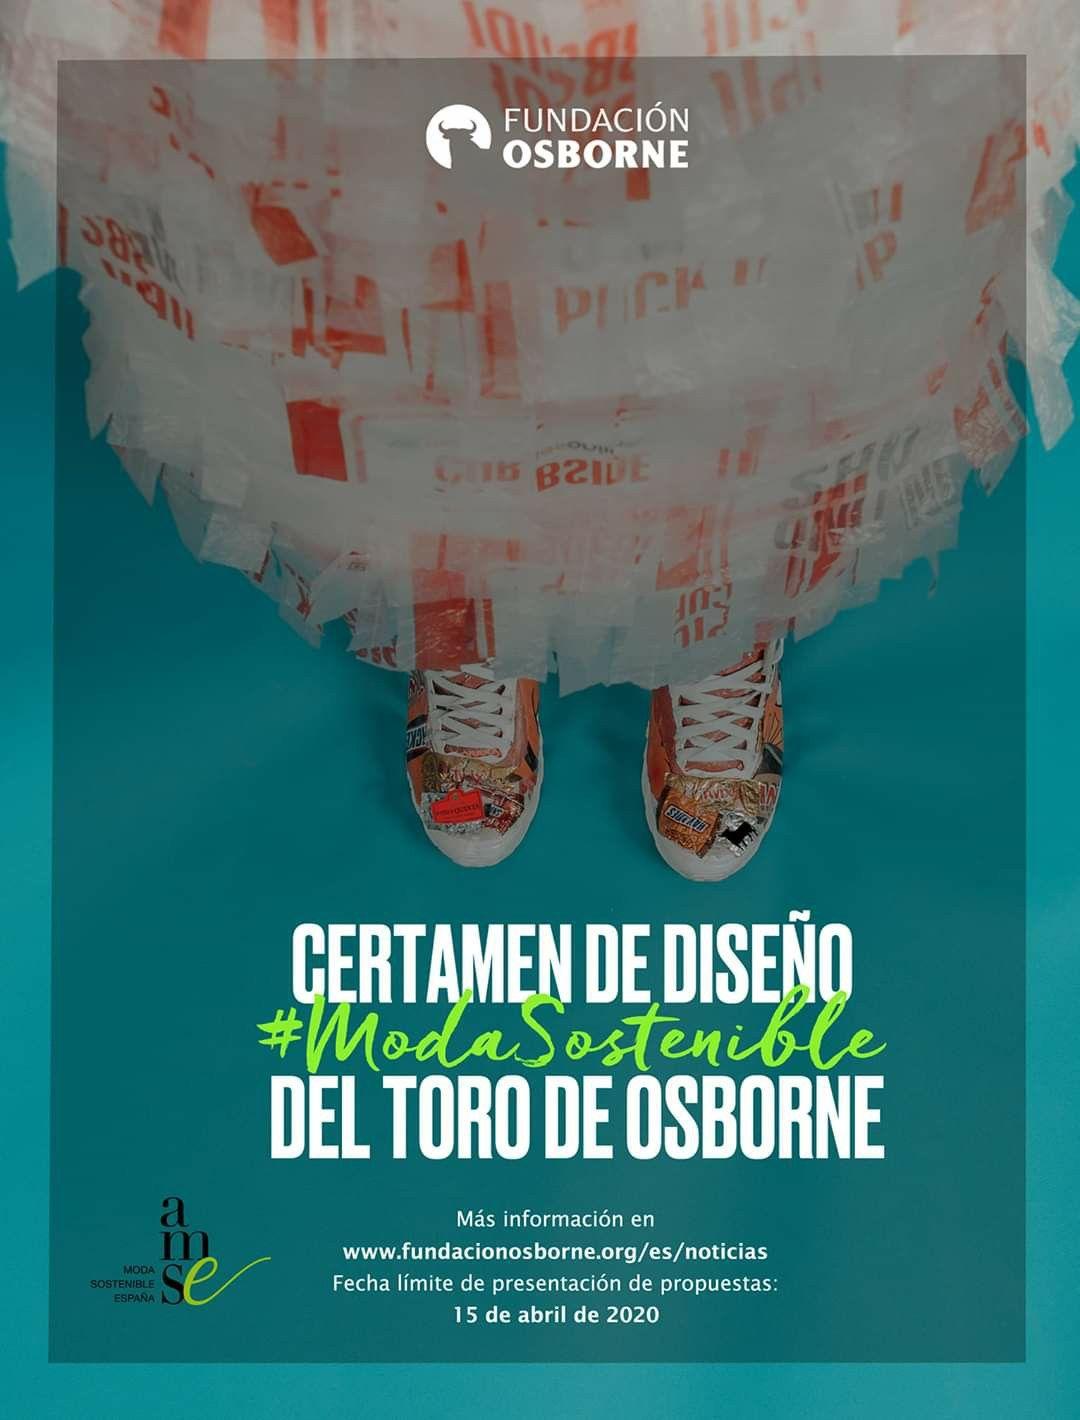 Concurso Del Toro De Osborne Certamen Moda Sostenible Noticias